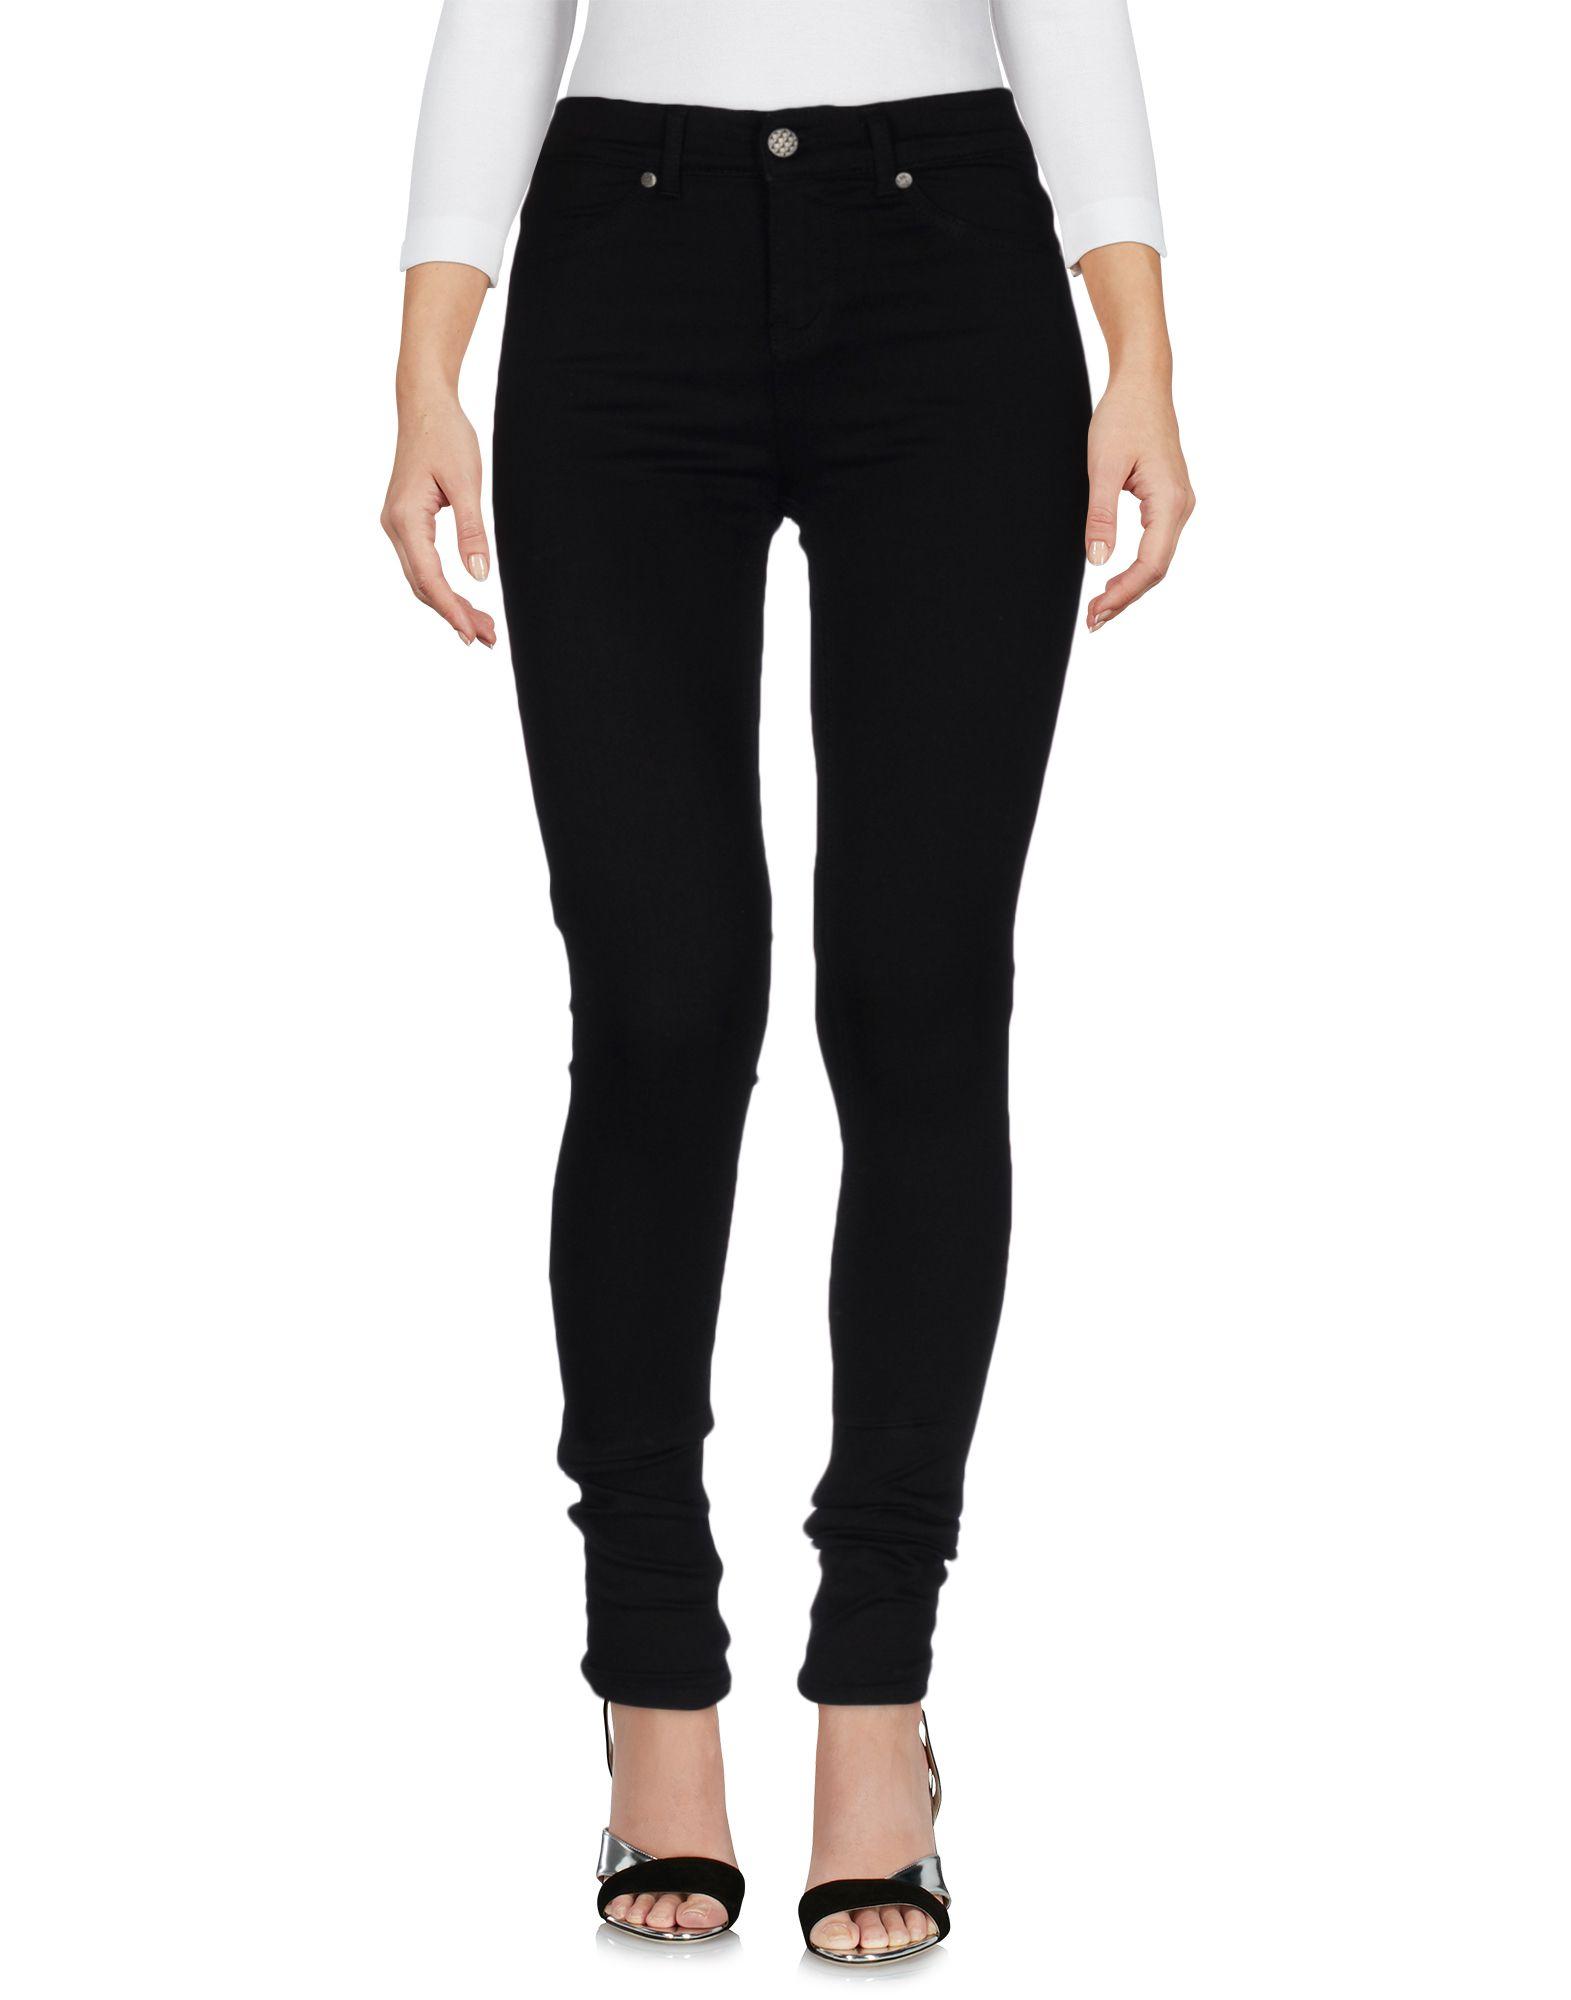 JUNKYARD. Джинсовые брюки carver pioneer camp джинсовые брюки мужские обычные джинсовые брюки темно синий 33 611 021